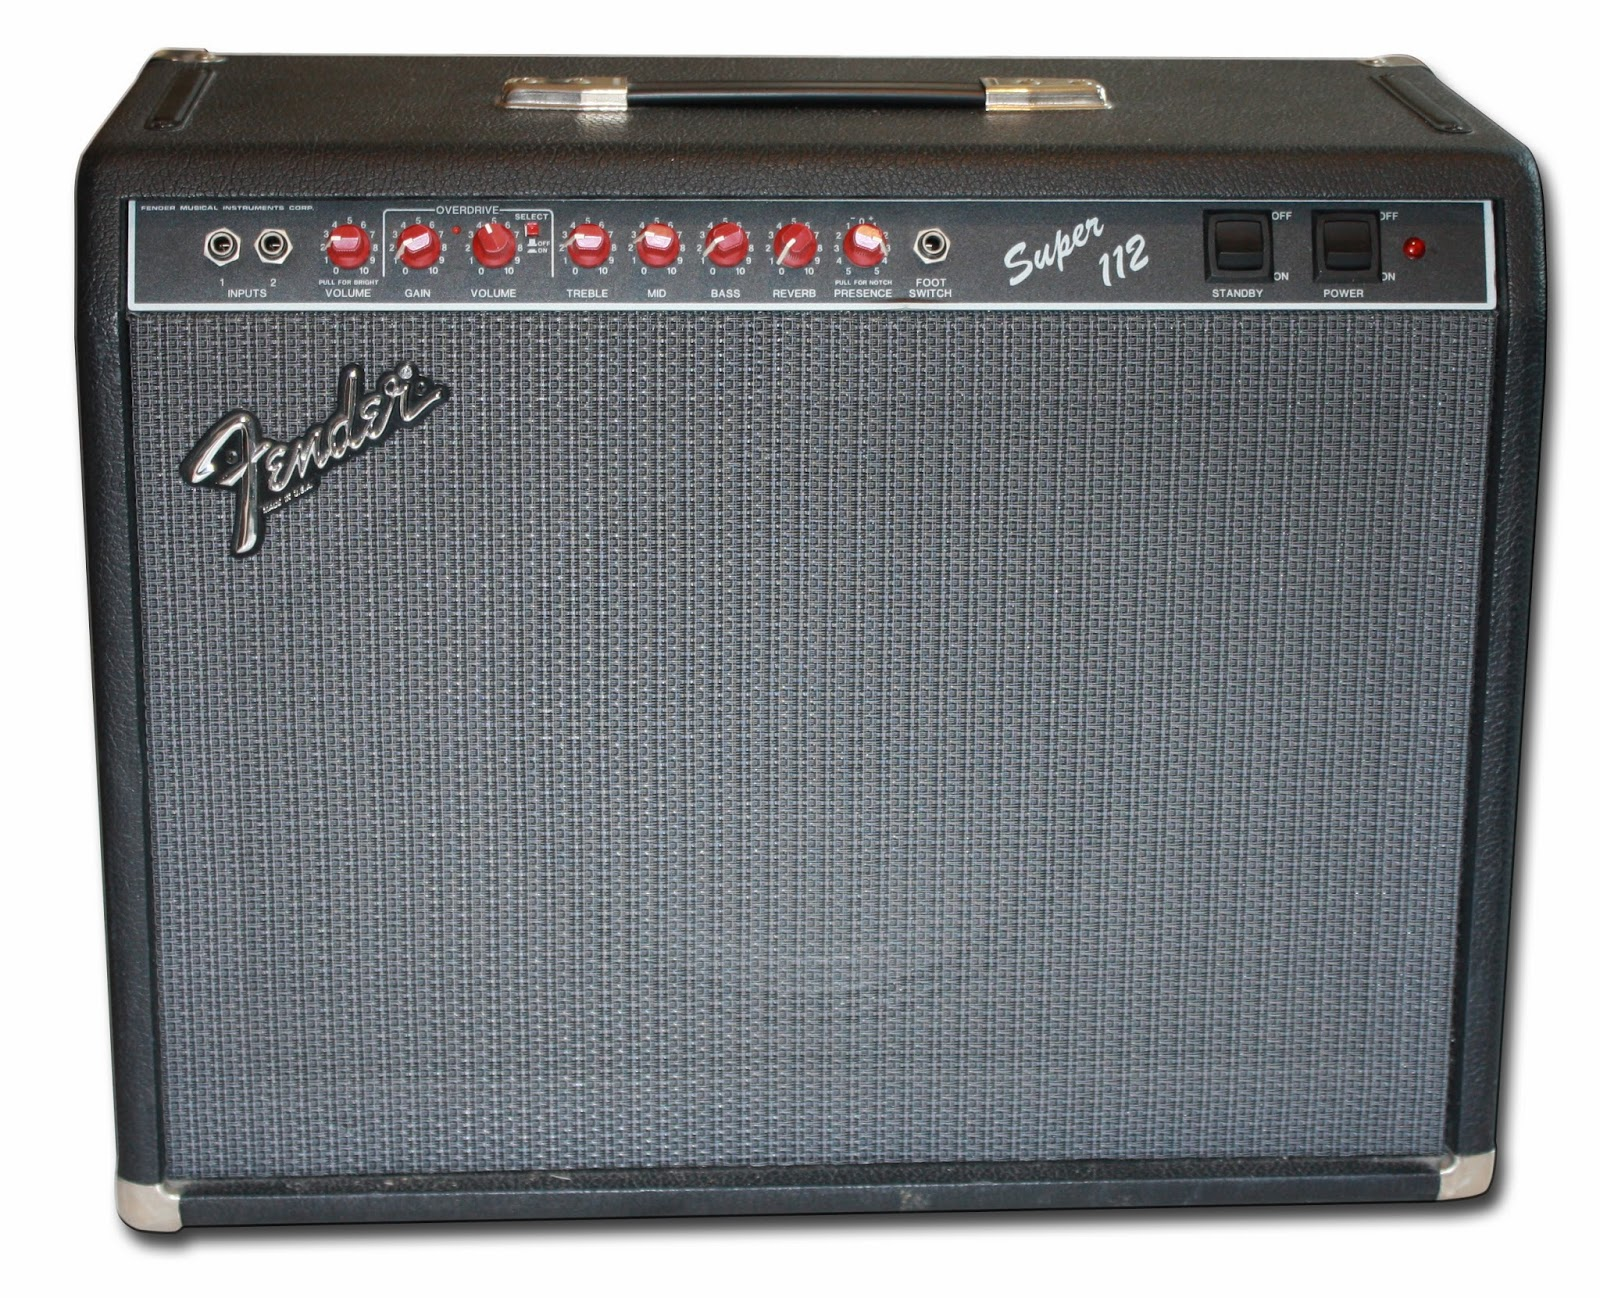 The Unique Guitar Blog Fenders Forgotten Amps 25 Watt Power Amplifier